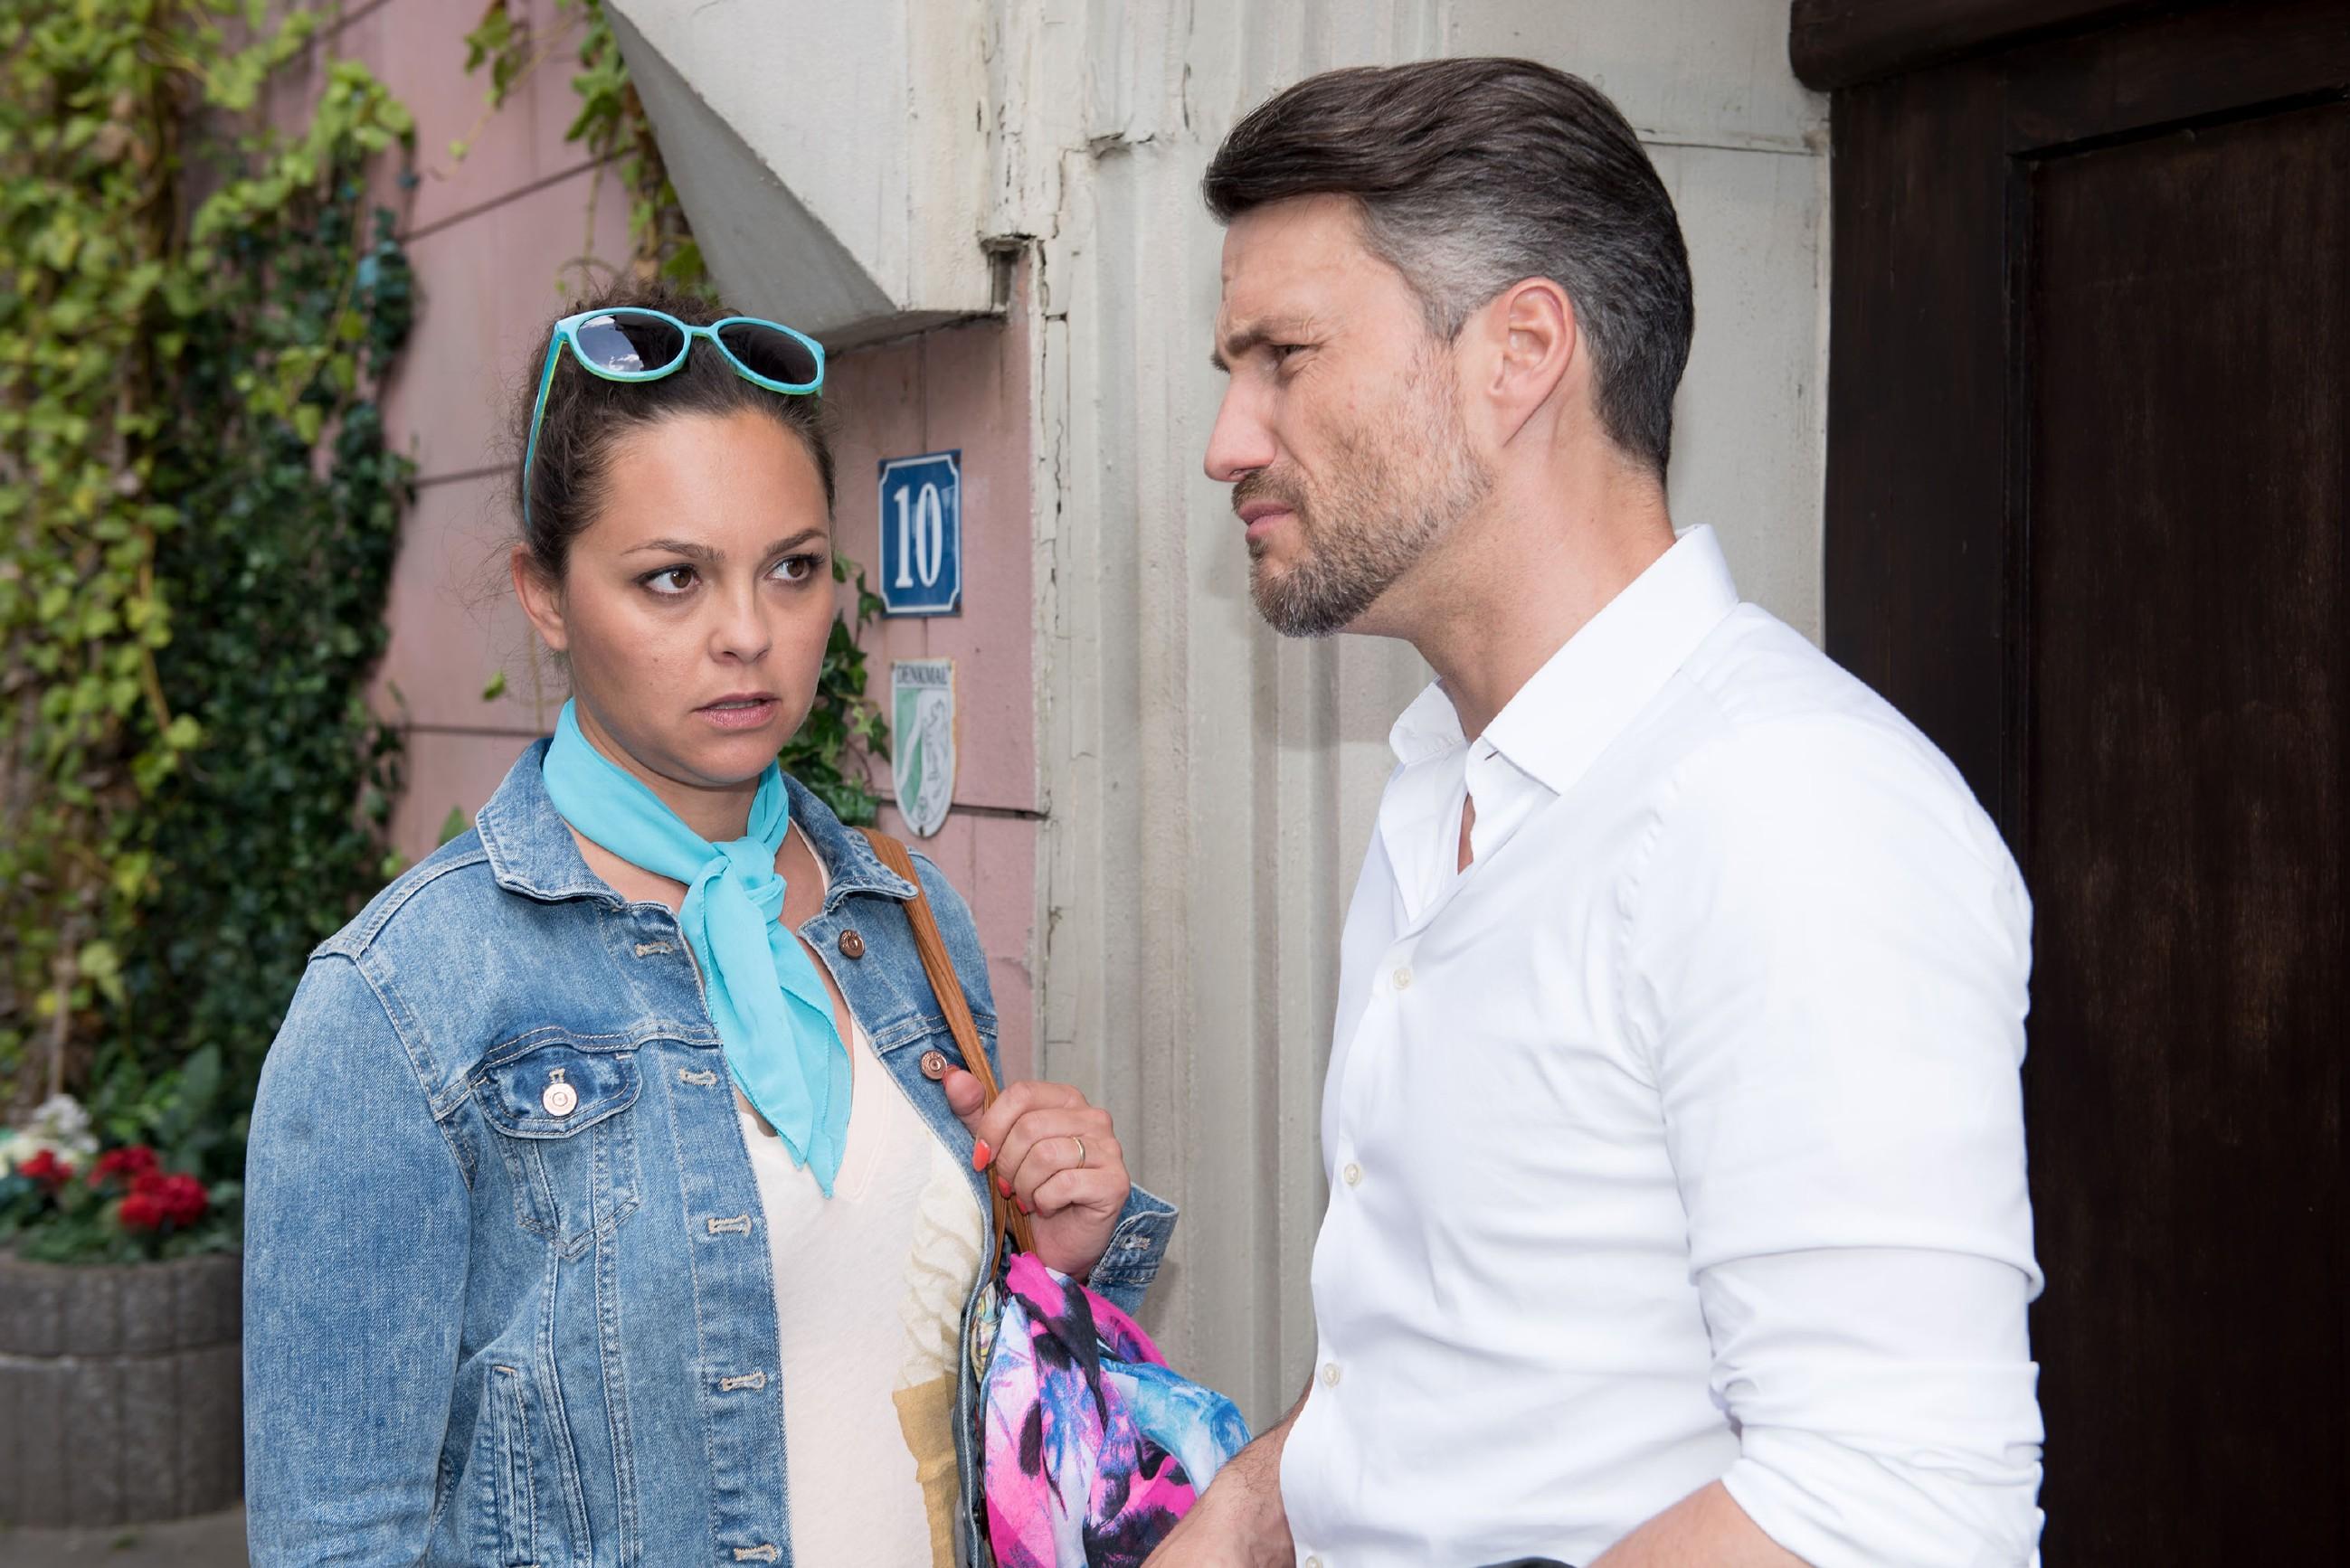 Zu Caros (Ines Kurenbach) Enttäuschung kommt Malte (Stefan Bockelmann) auf der Beachparty nicht in Stimmung und will die Party frühzeitig verlassen. (Quelle: RTL / Stefan Behrens)